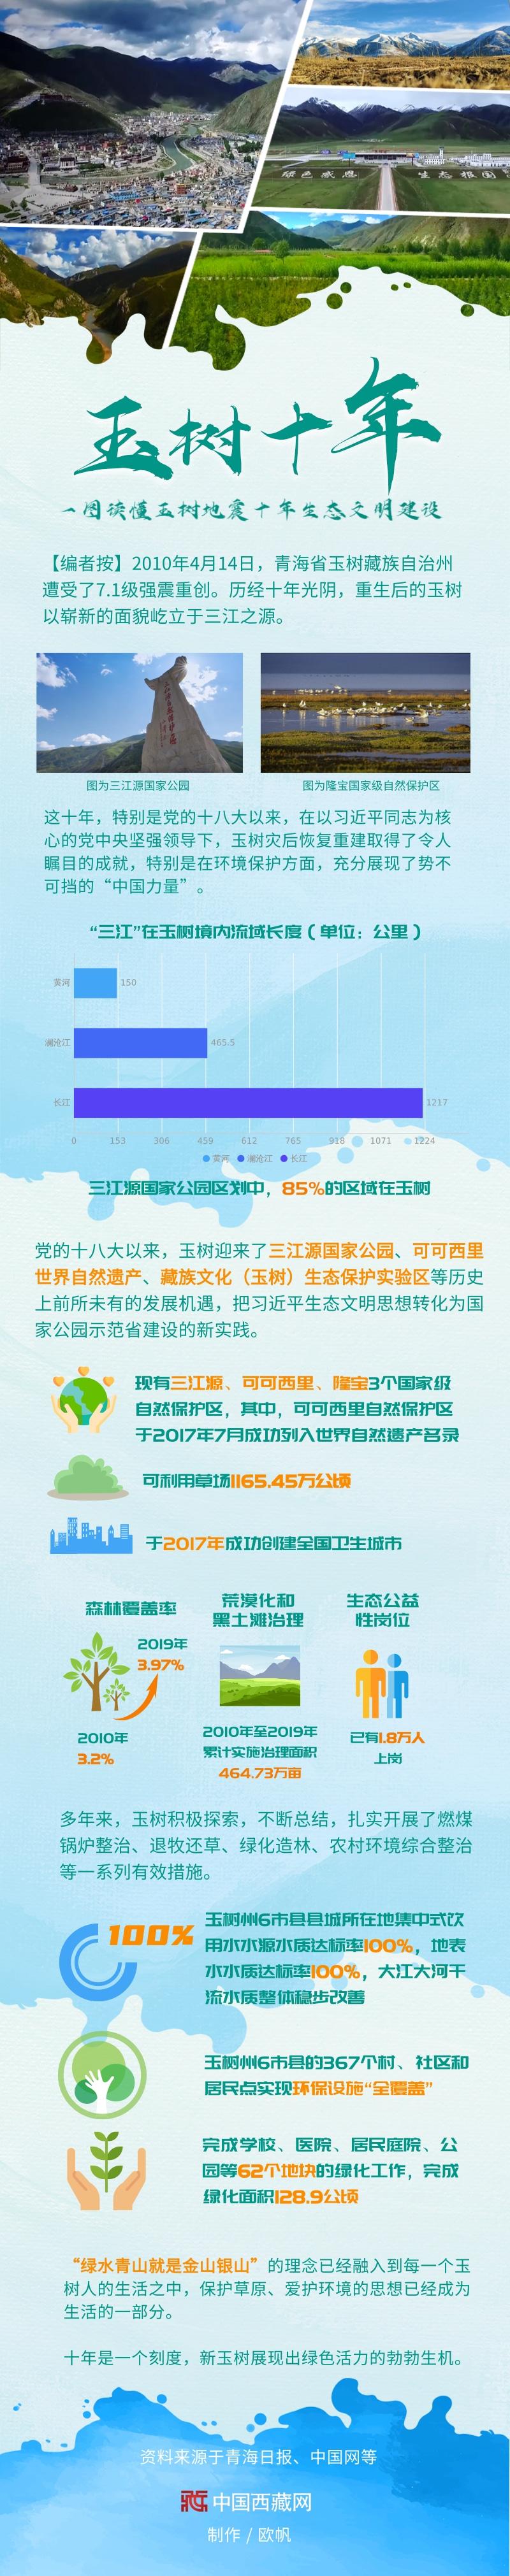 「中国西藏网」一图读懂玉树地震十年生态文明建设